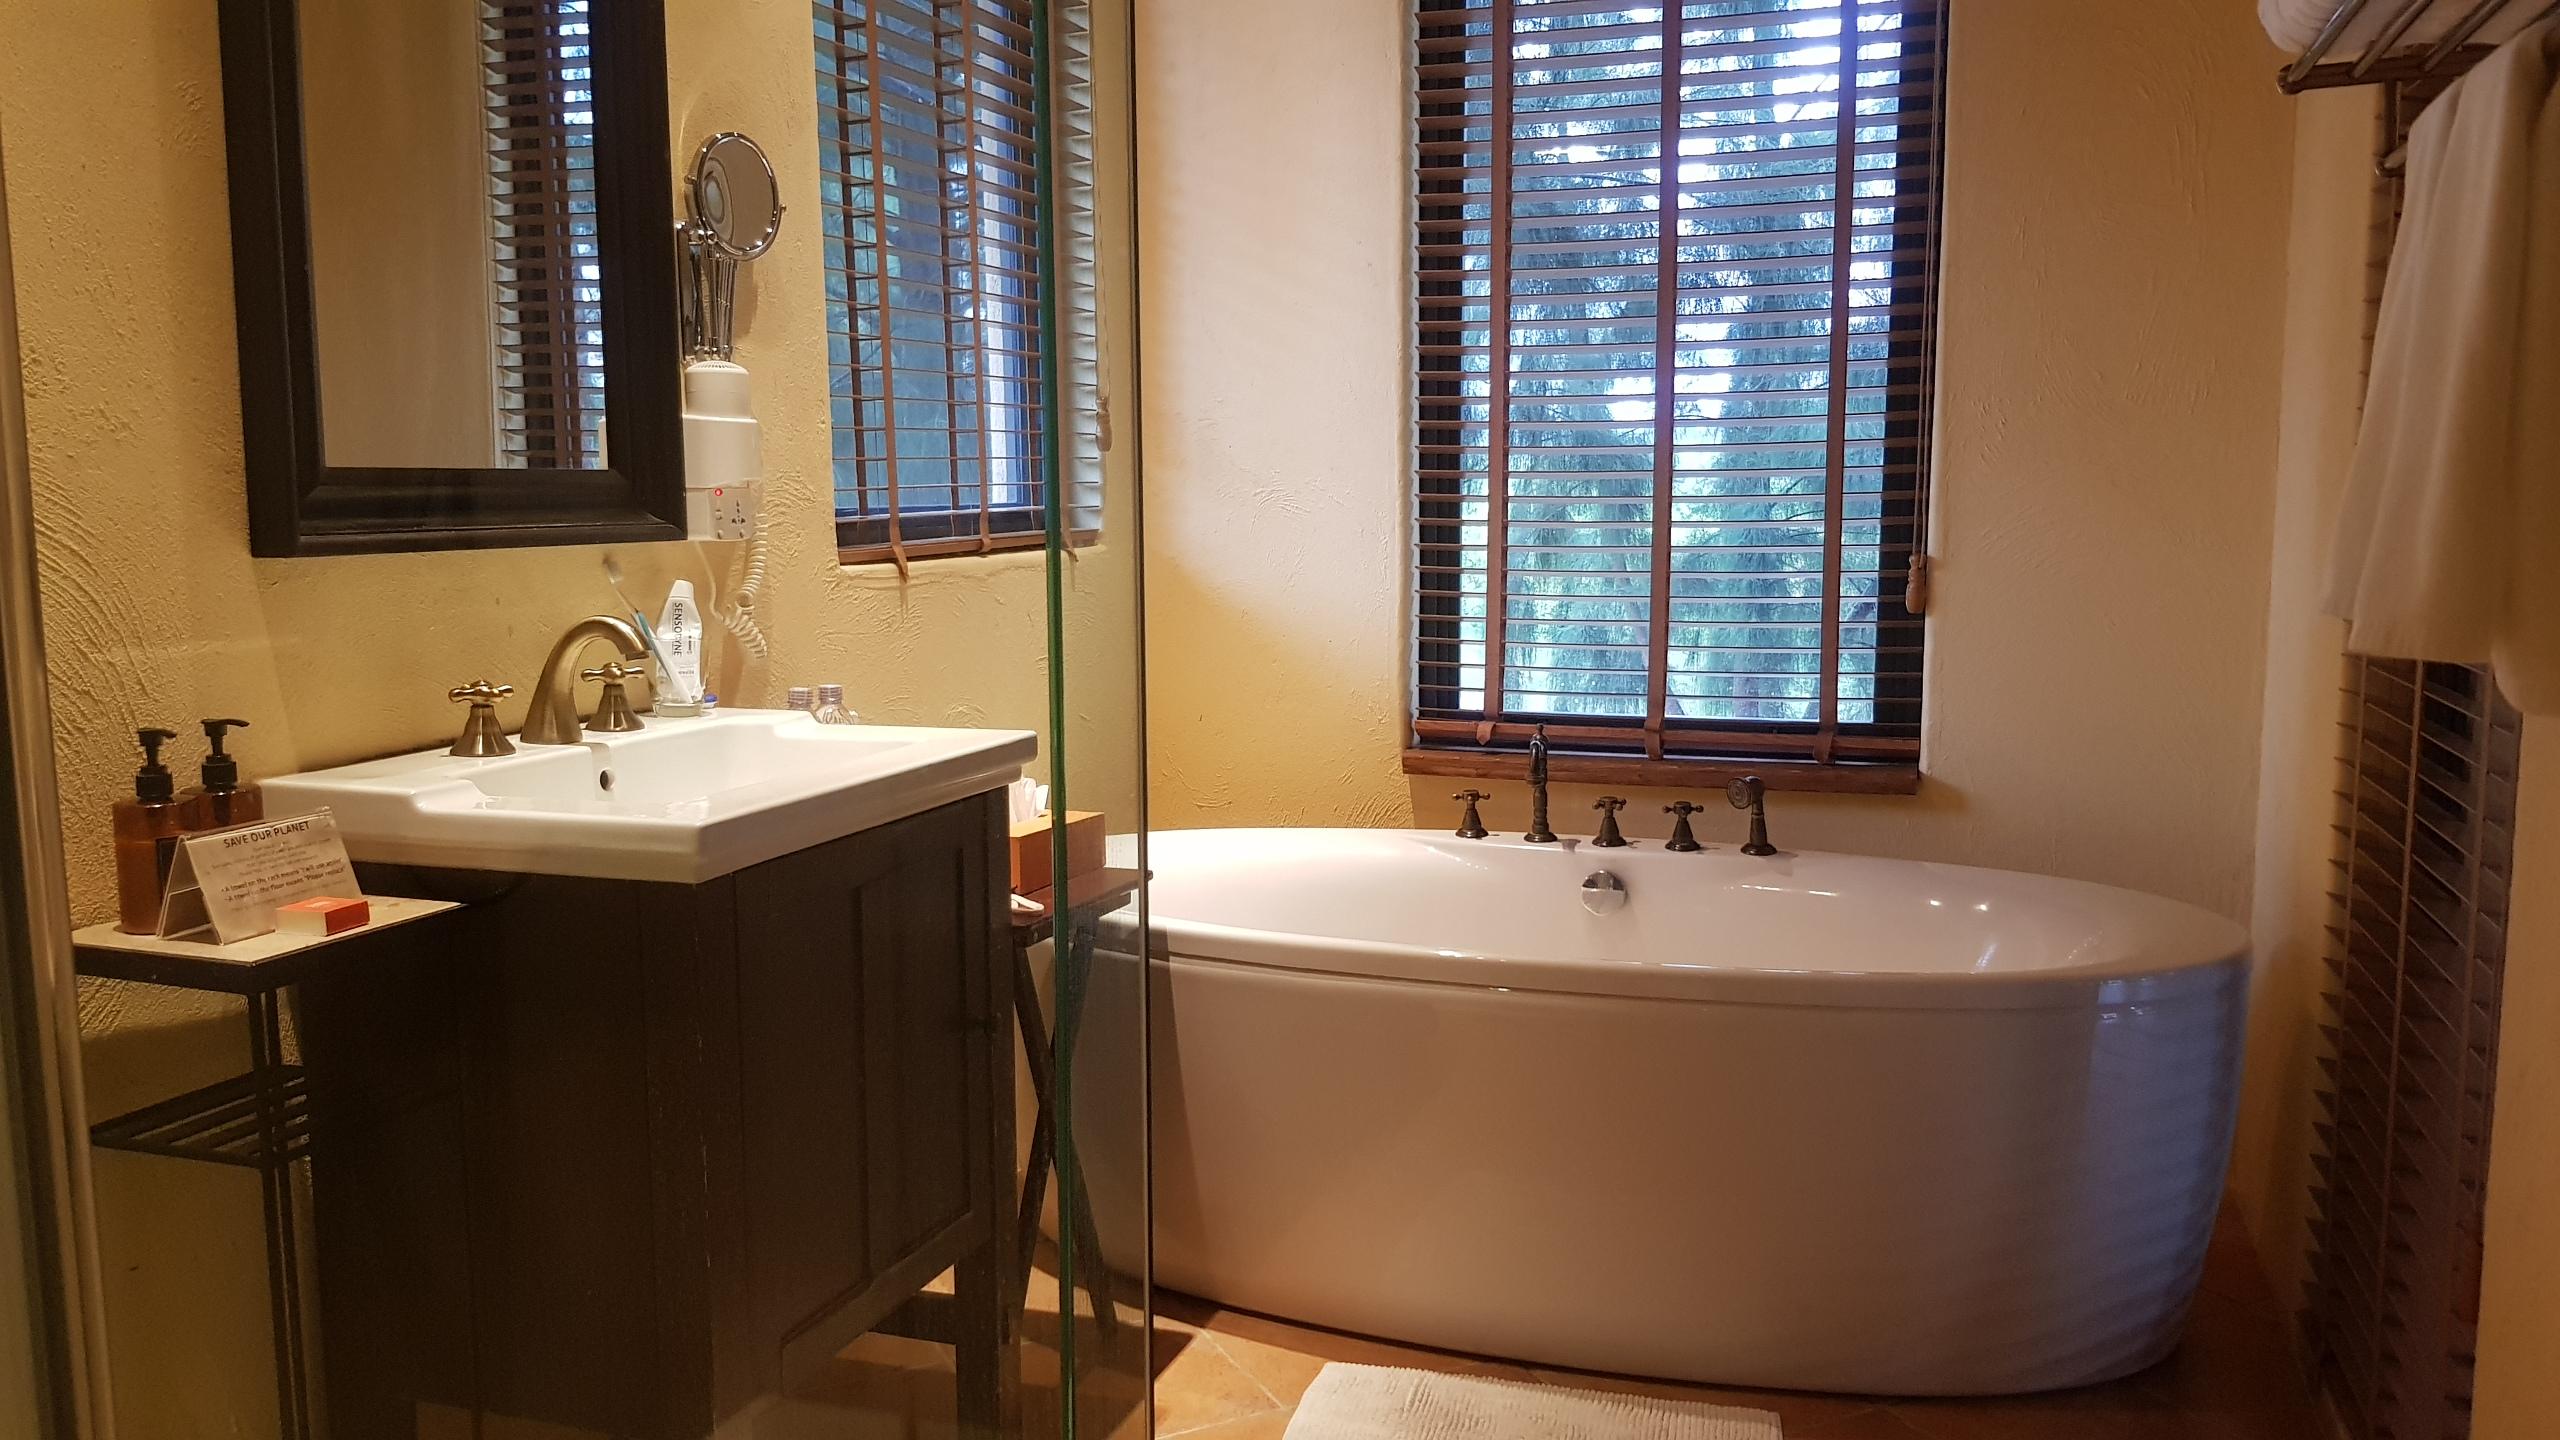 มุมส่วนตัว ให้คุณแช่กายในอ่างอาบน้ำ พร้อมดื่มด่ำกับธรรมชาติสีเขียว @ La Casetta เขาใหญ่